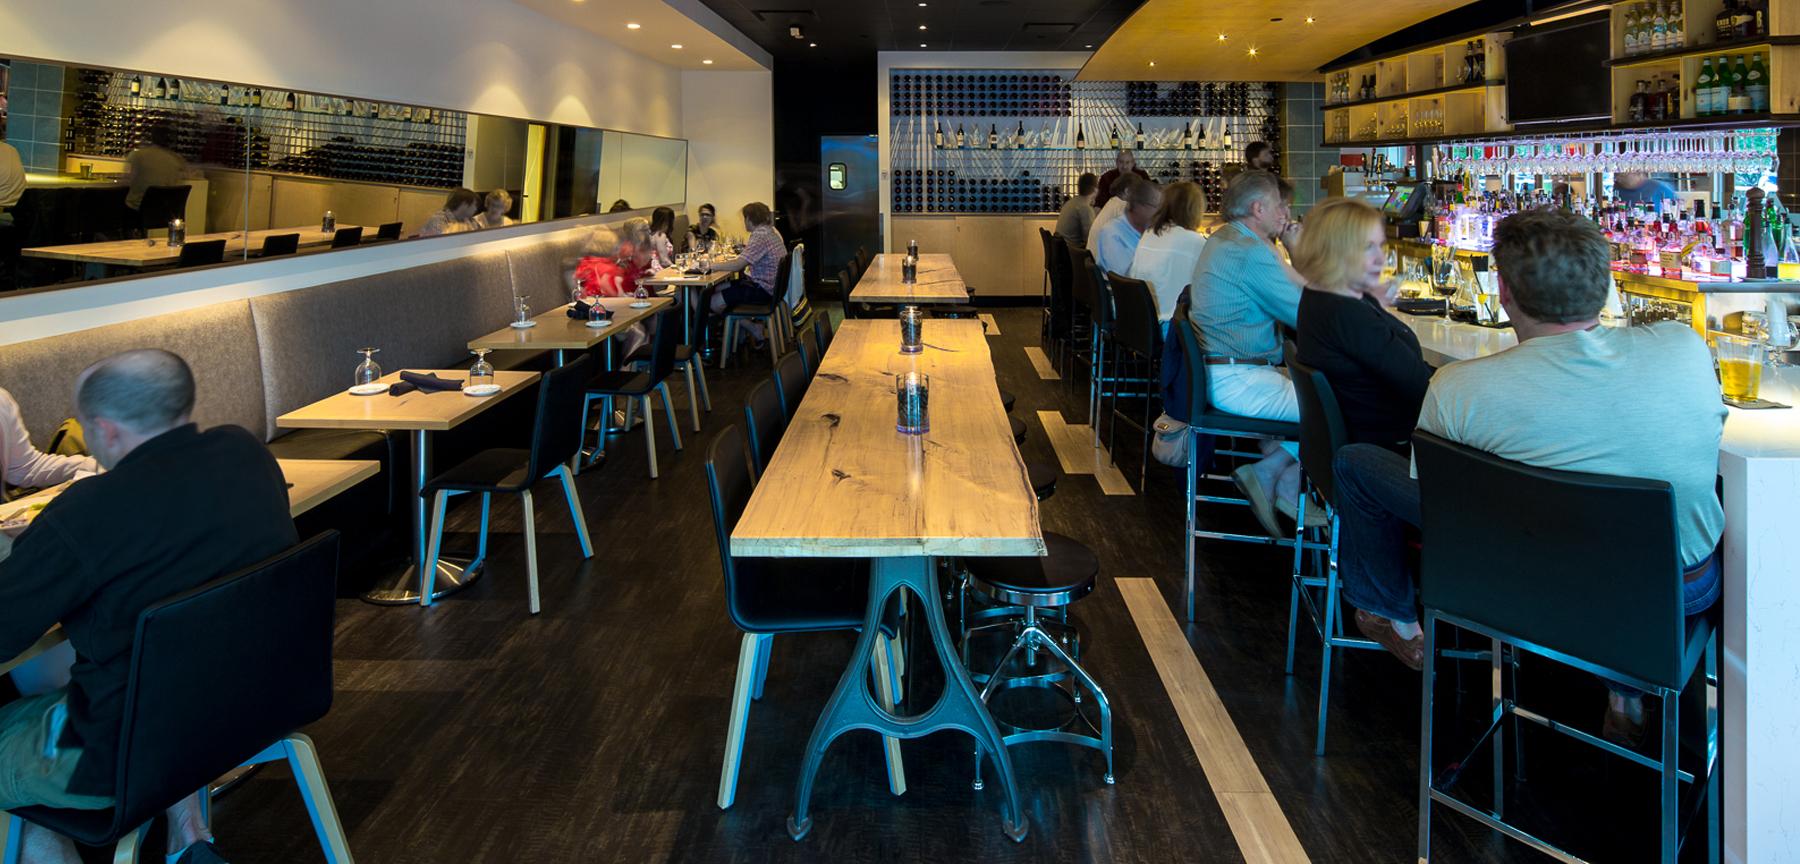 Cucina Colore restaurant dining area